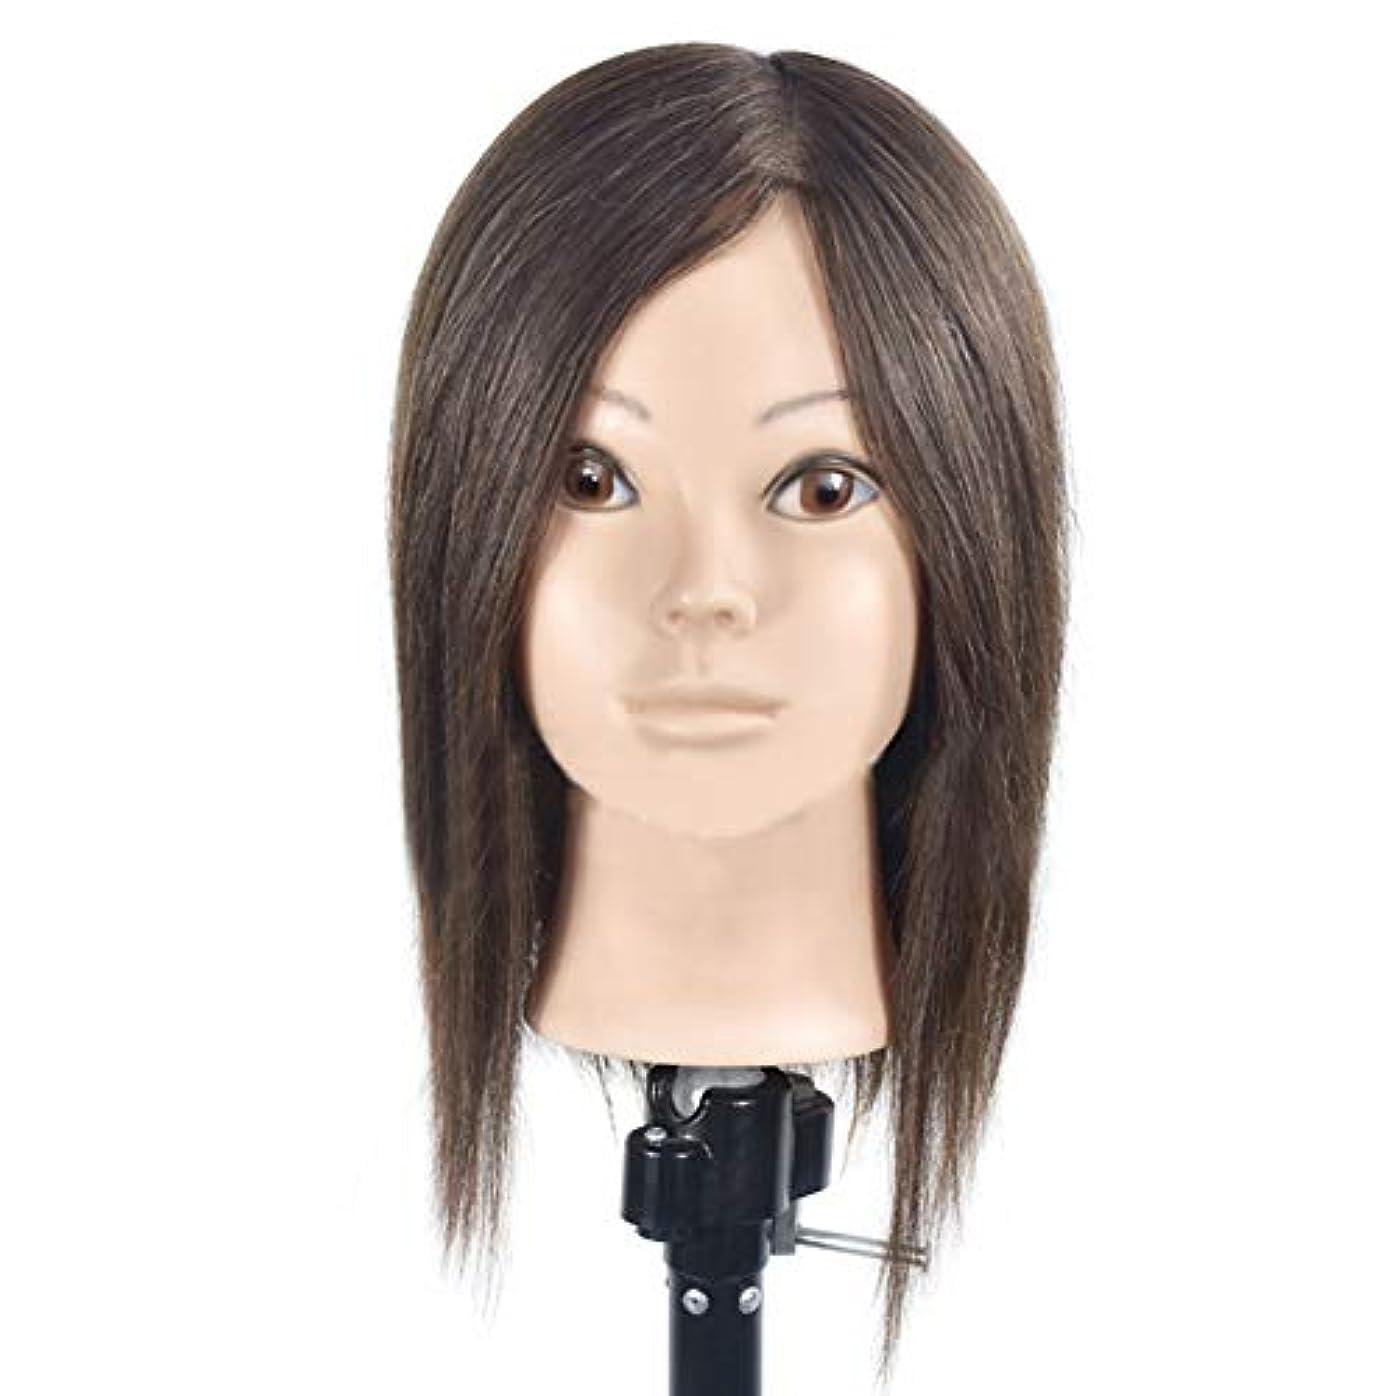 見せます自動化脅かす本物の人間の髪のかつらの頭の金型の理髪の髪型のスタイリングマネキンの頭の理髪店の練習の練習ダミーヘッド